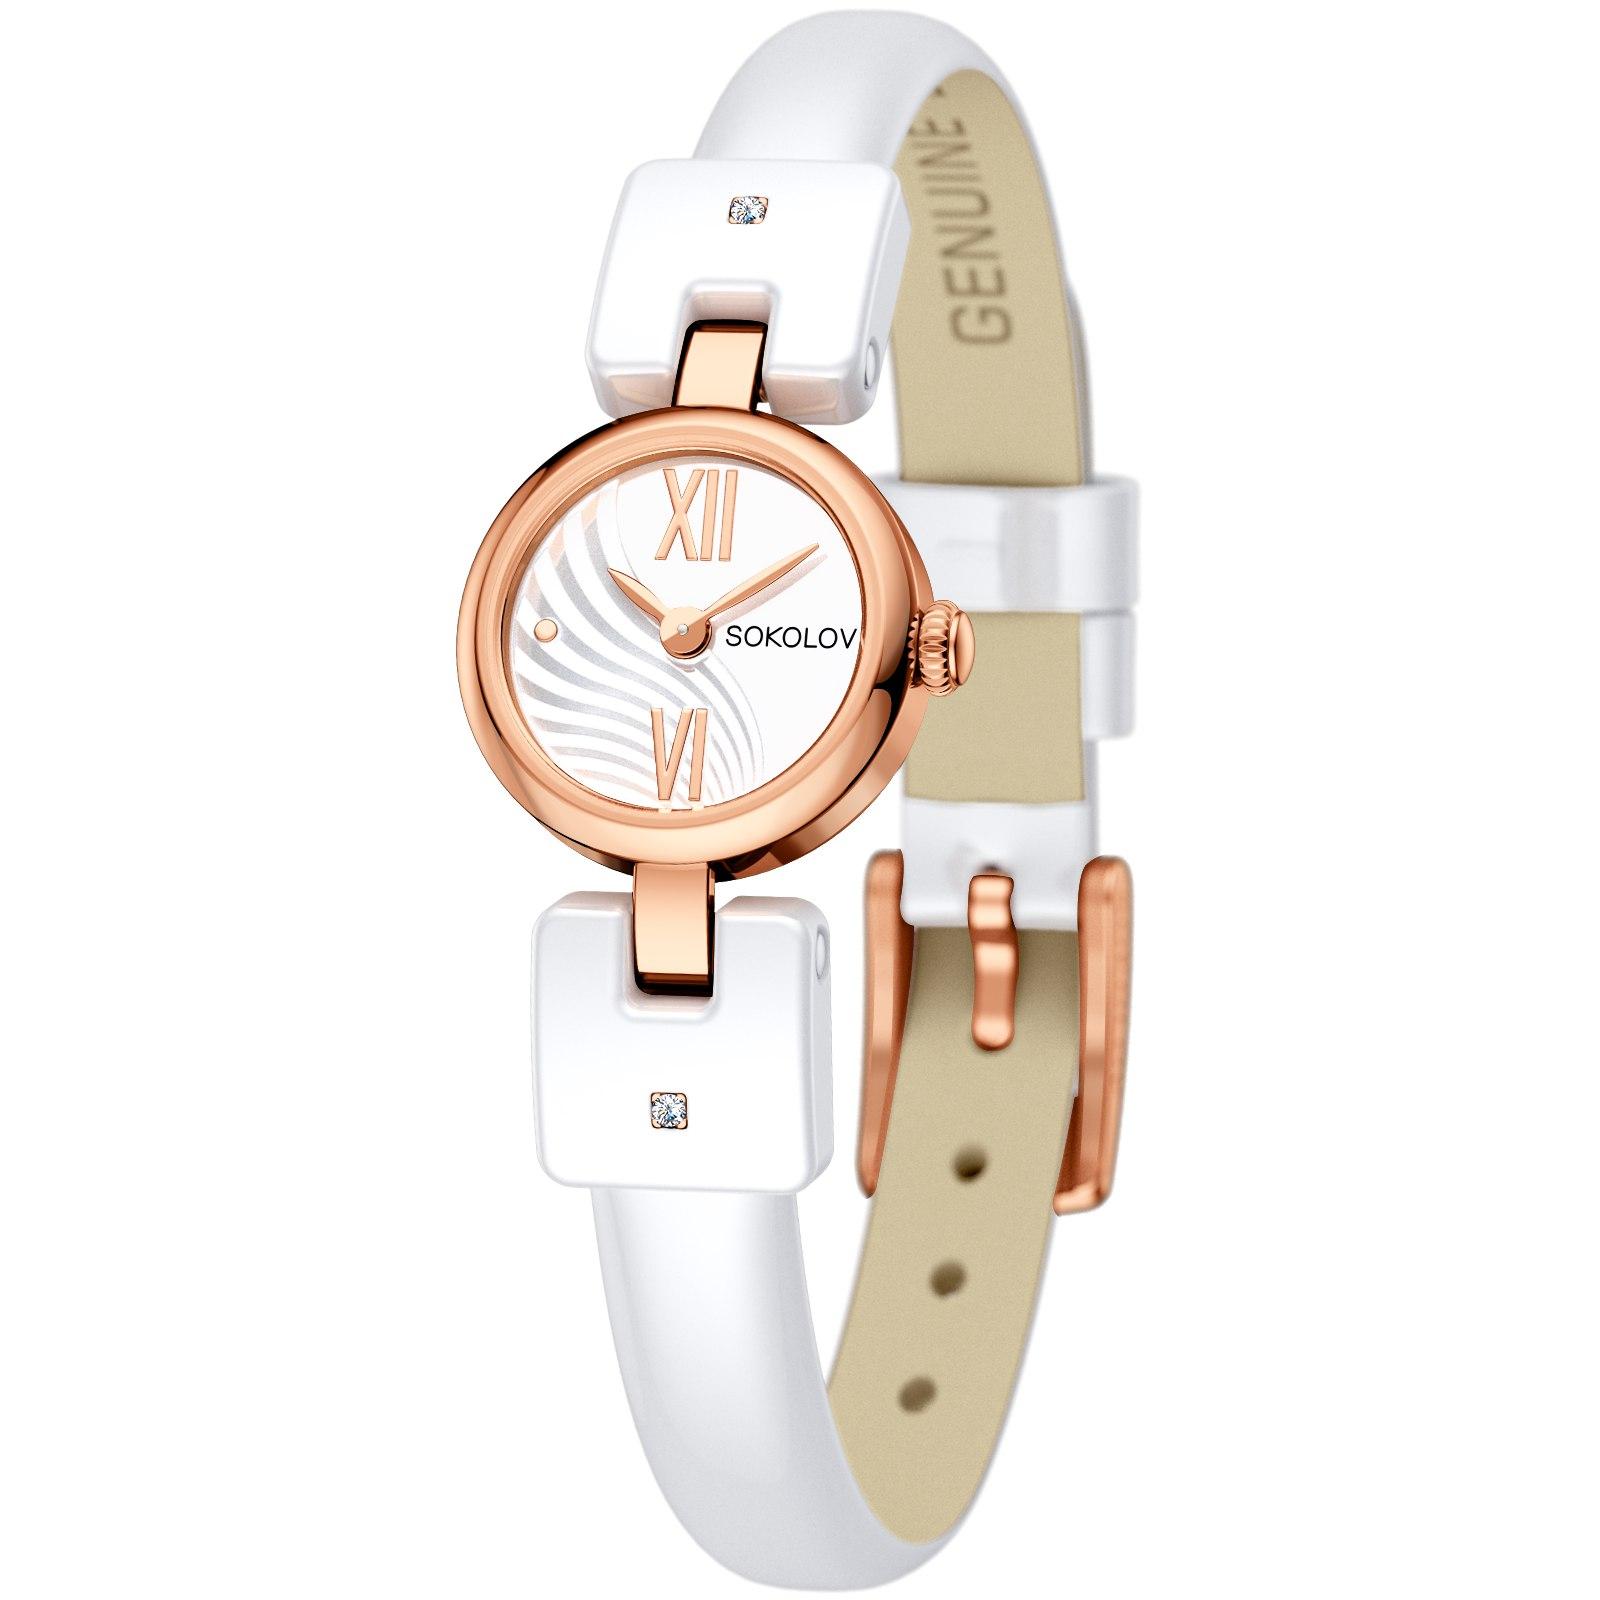 Женские золотые часы, арт. 117.01.01.001.03.01.3